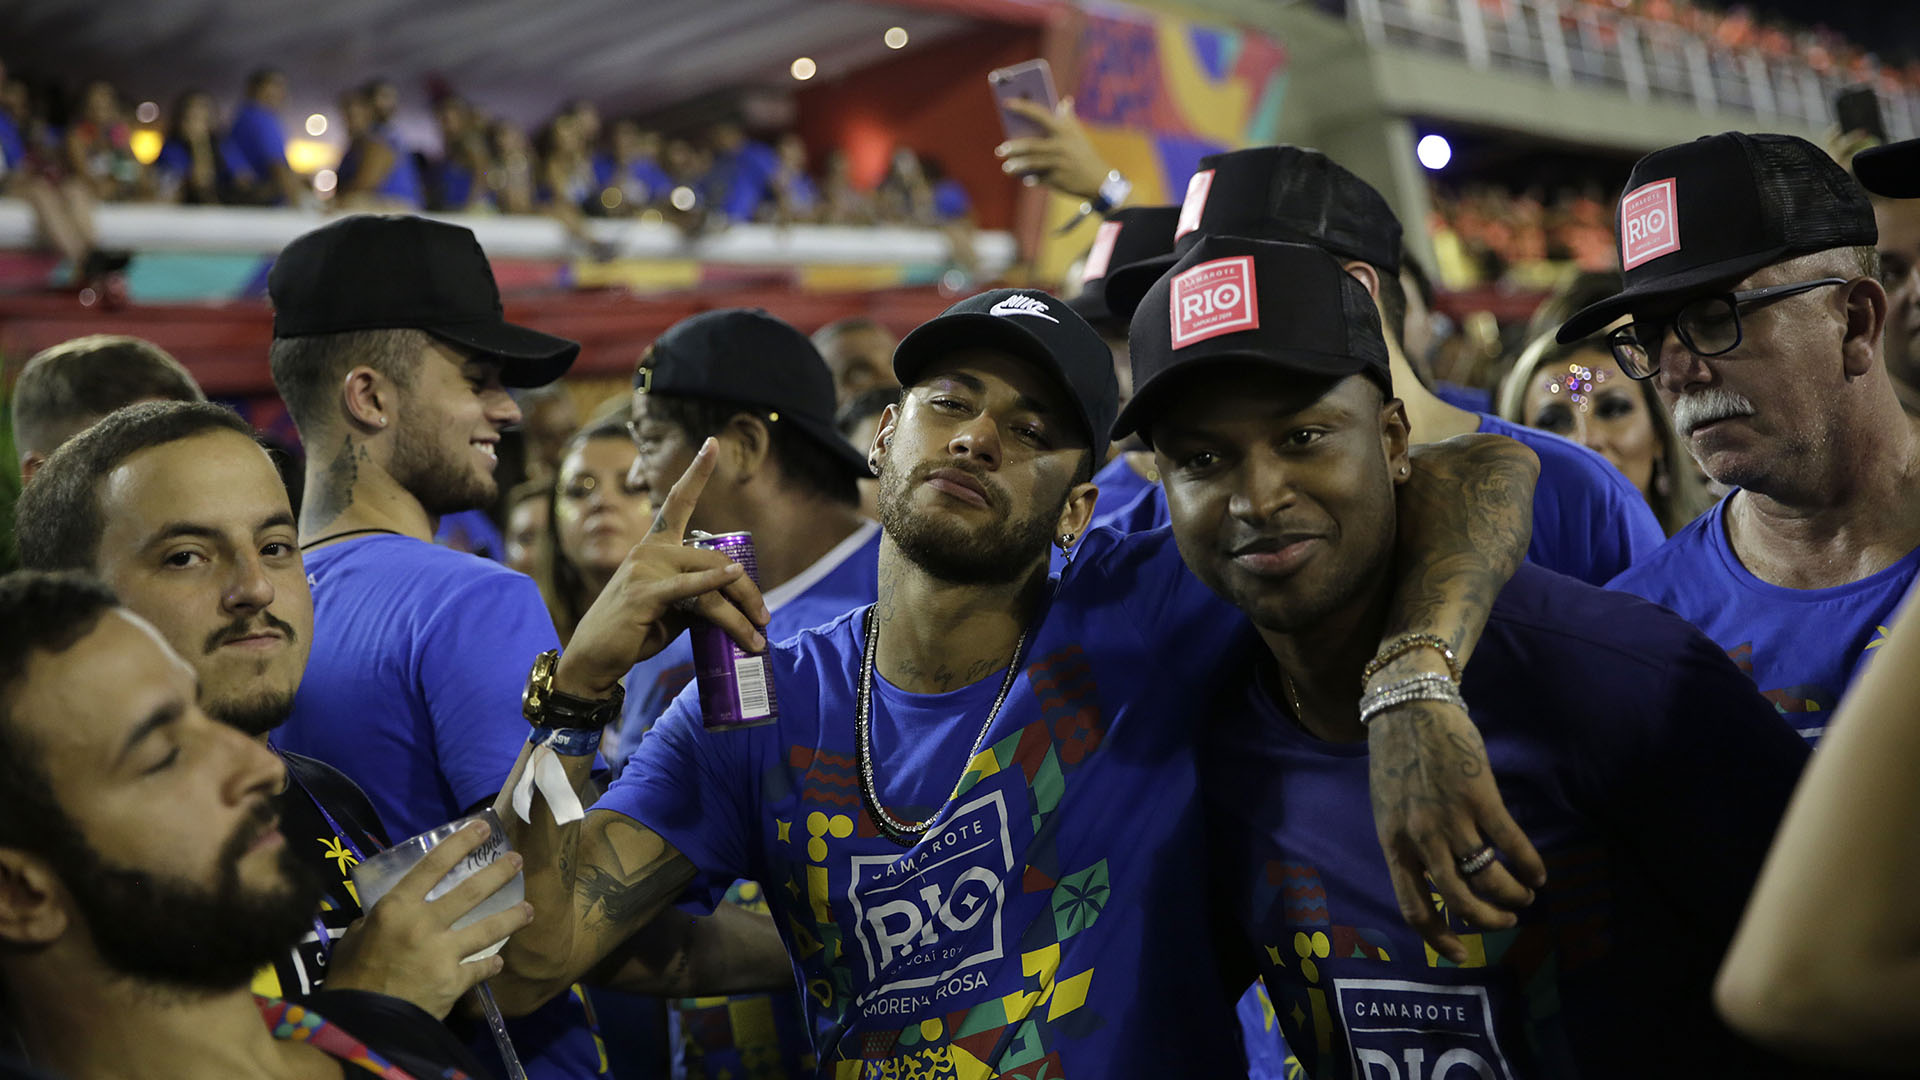 El capitán de la selección brasileña se recupera de una lesión (AP Photo/Silvia Izquierdo)